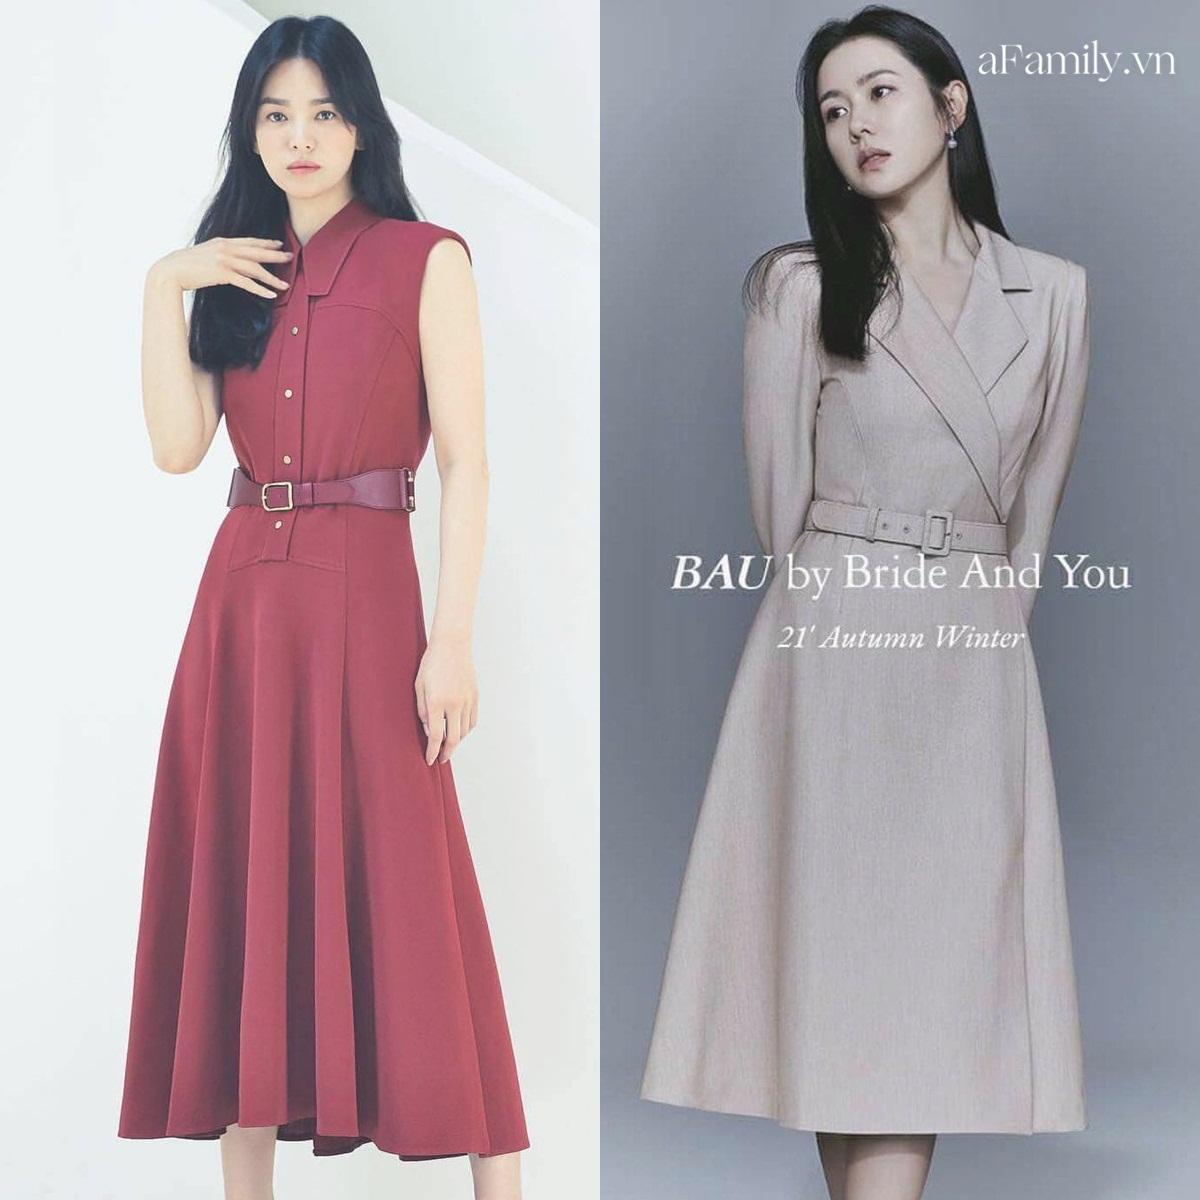 Song Hye Kyo Son Ye Jin làm mẫu đồ công sở Thu Đông - Ảnh 8.